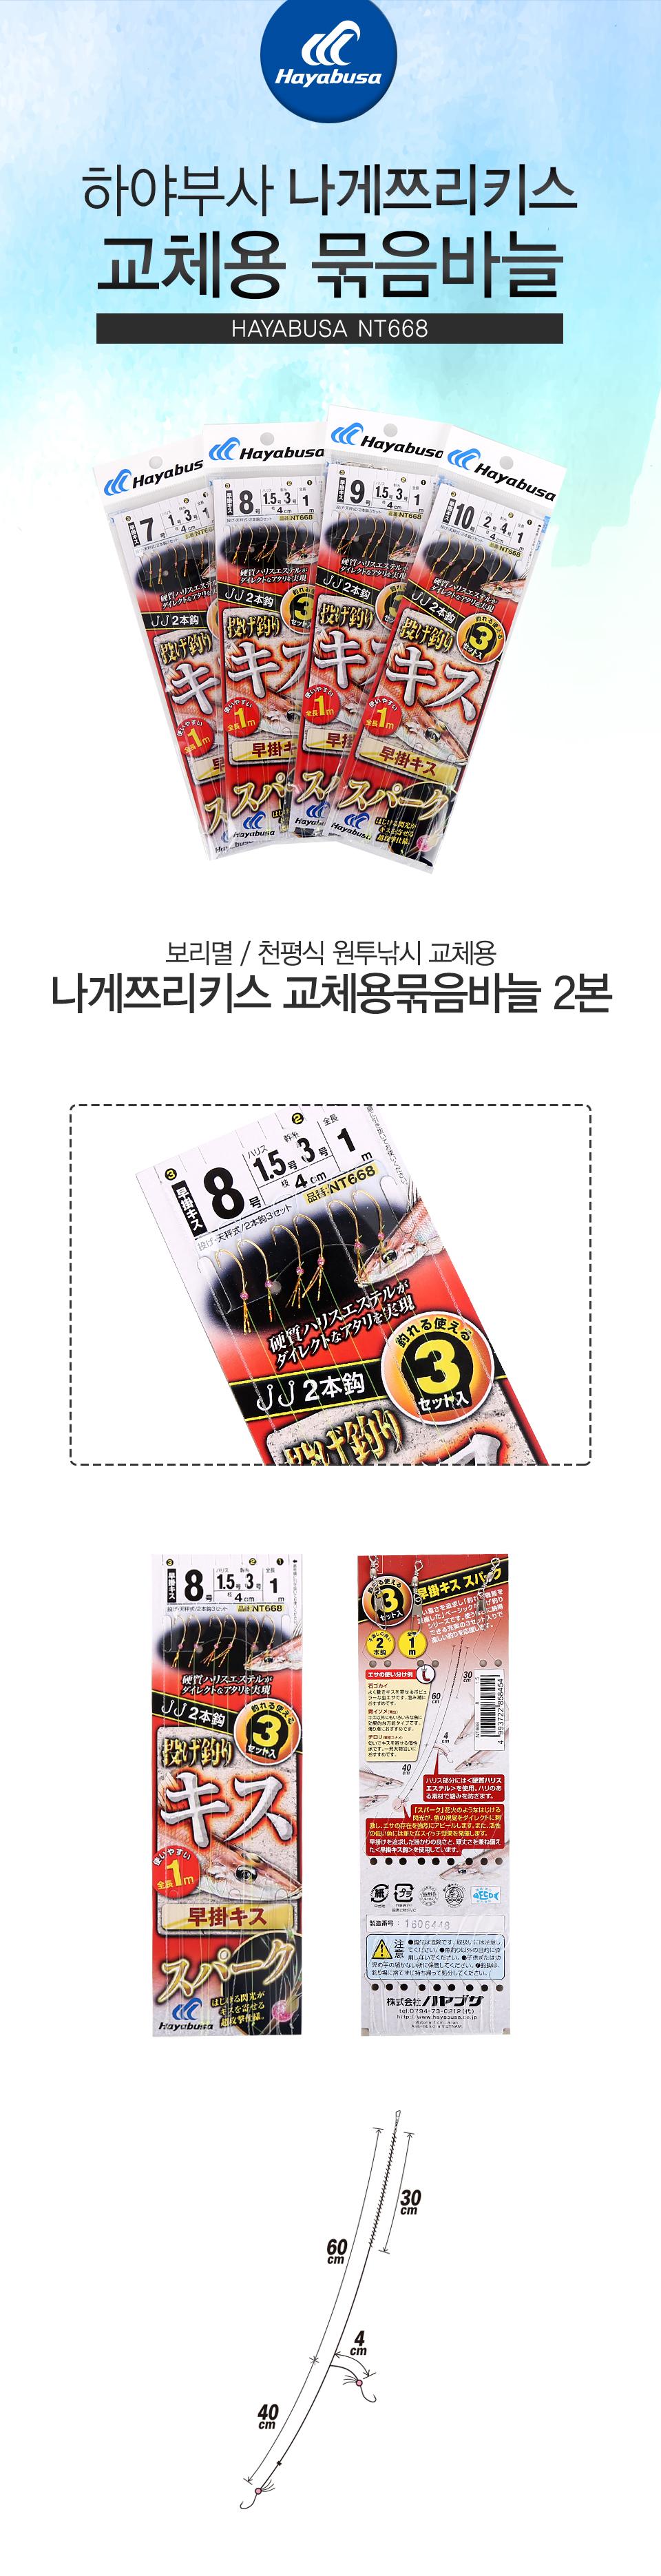 하야부사 나게쯔리키스 교체용묶음바늘(초스피드용) 2본3세트 (보리멸묶음바늘) (NT668) 천평식 원투낚시교체용바늘 보리멸바늘 보리멸채비